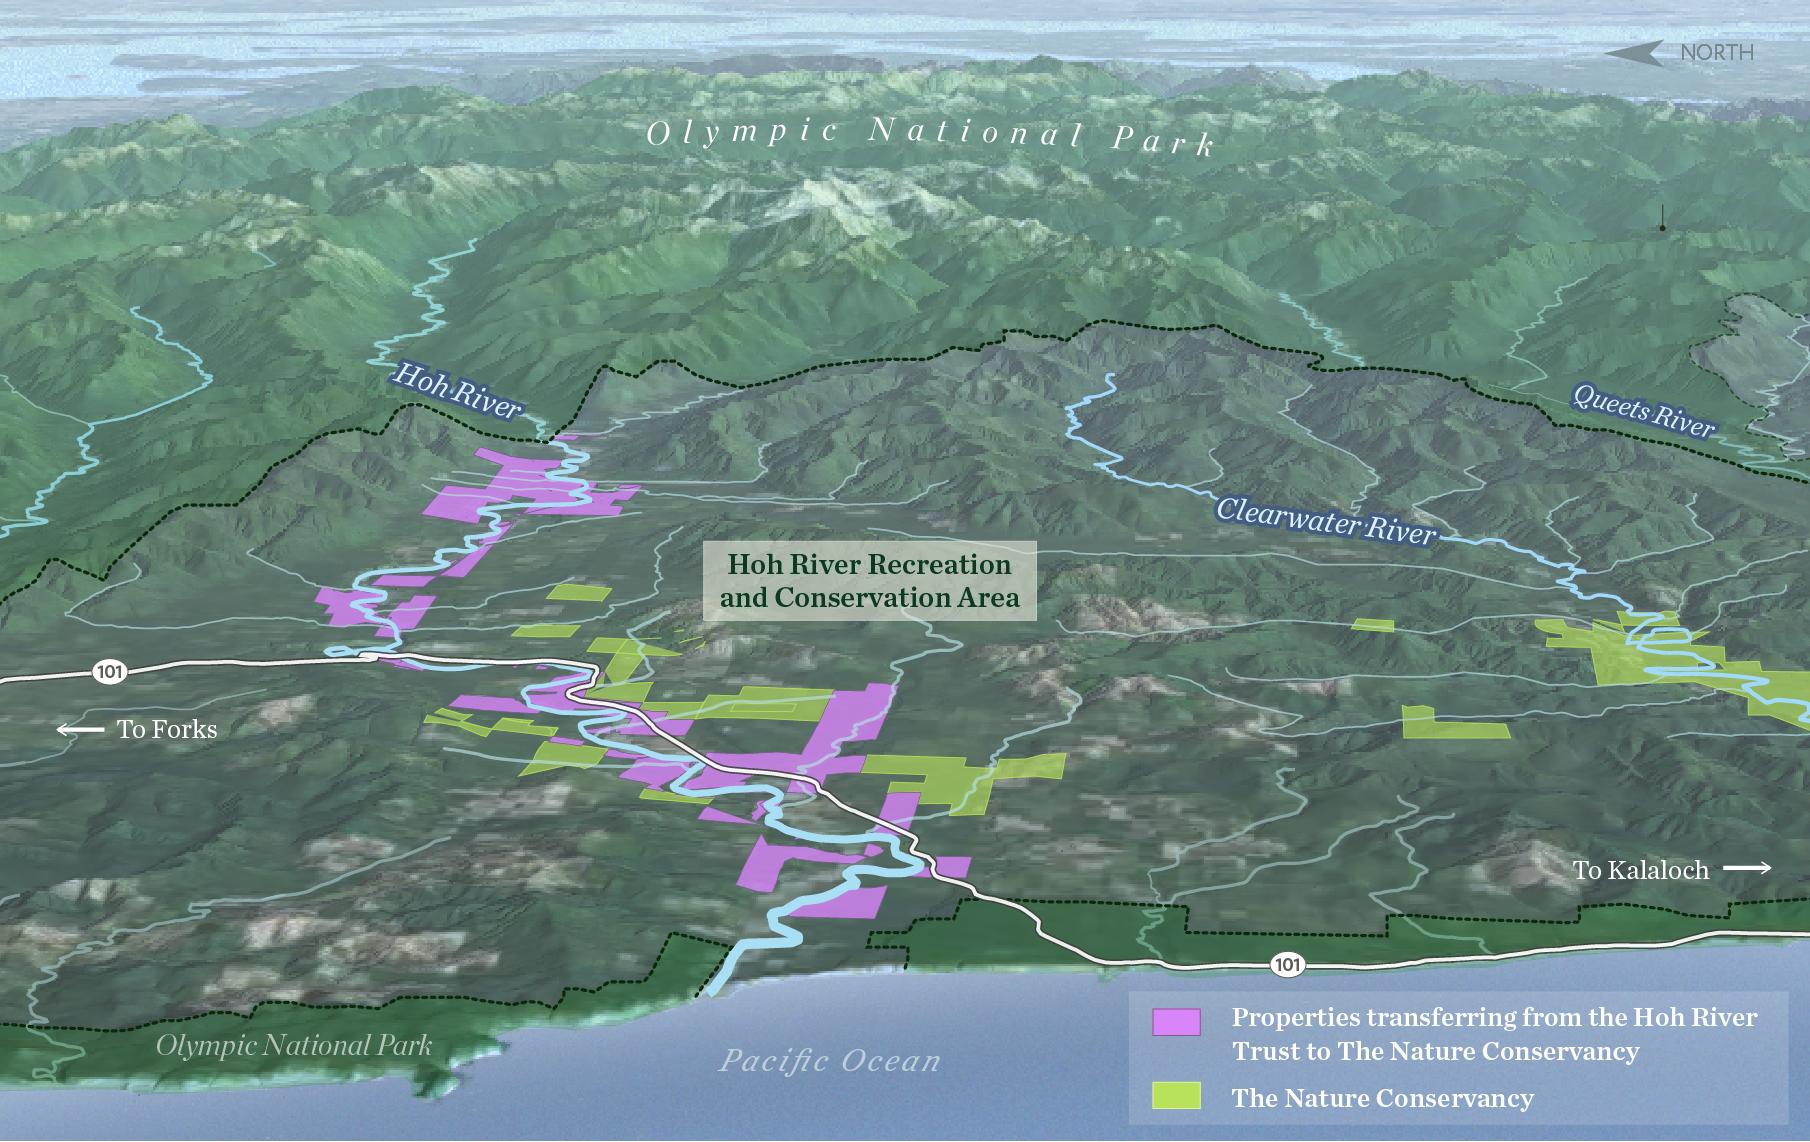 Connecting a River Corridor